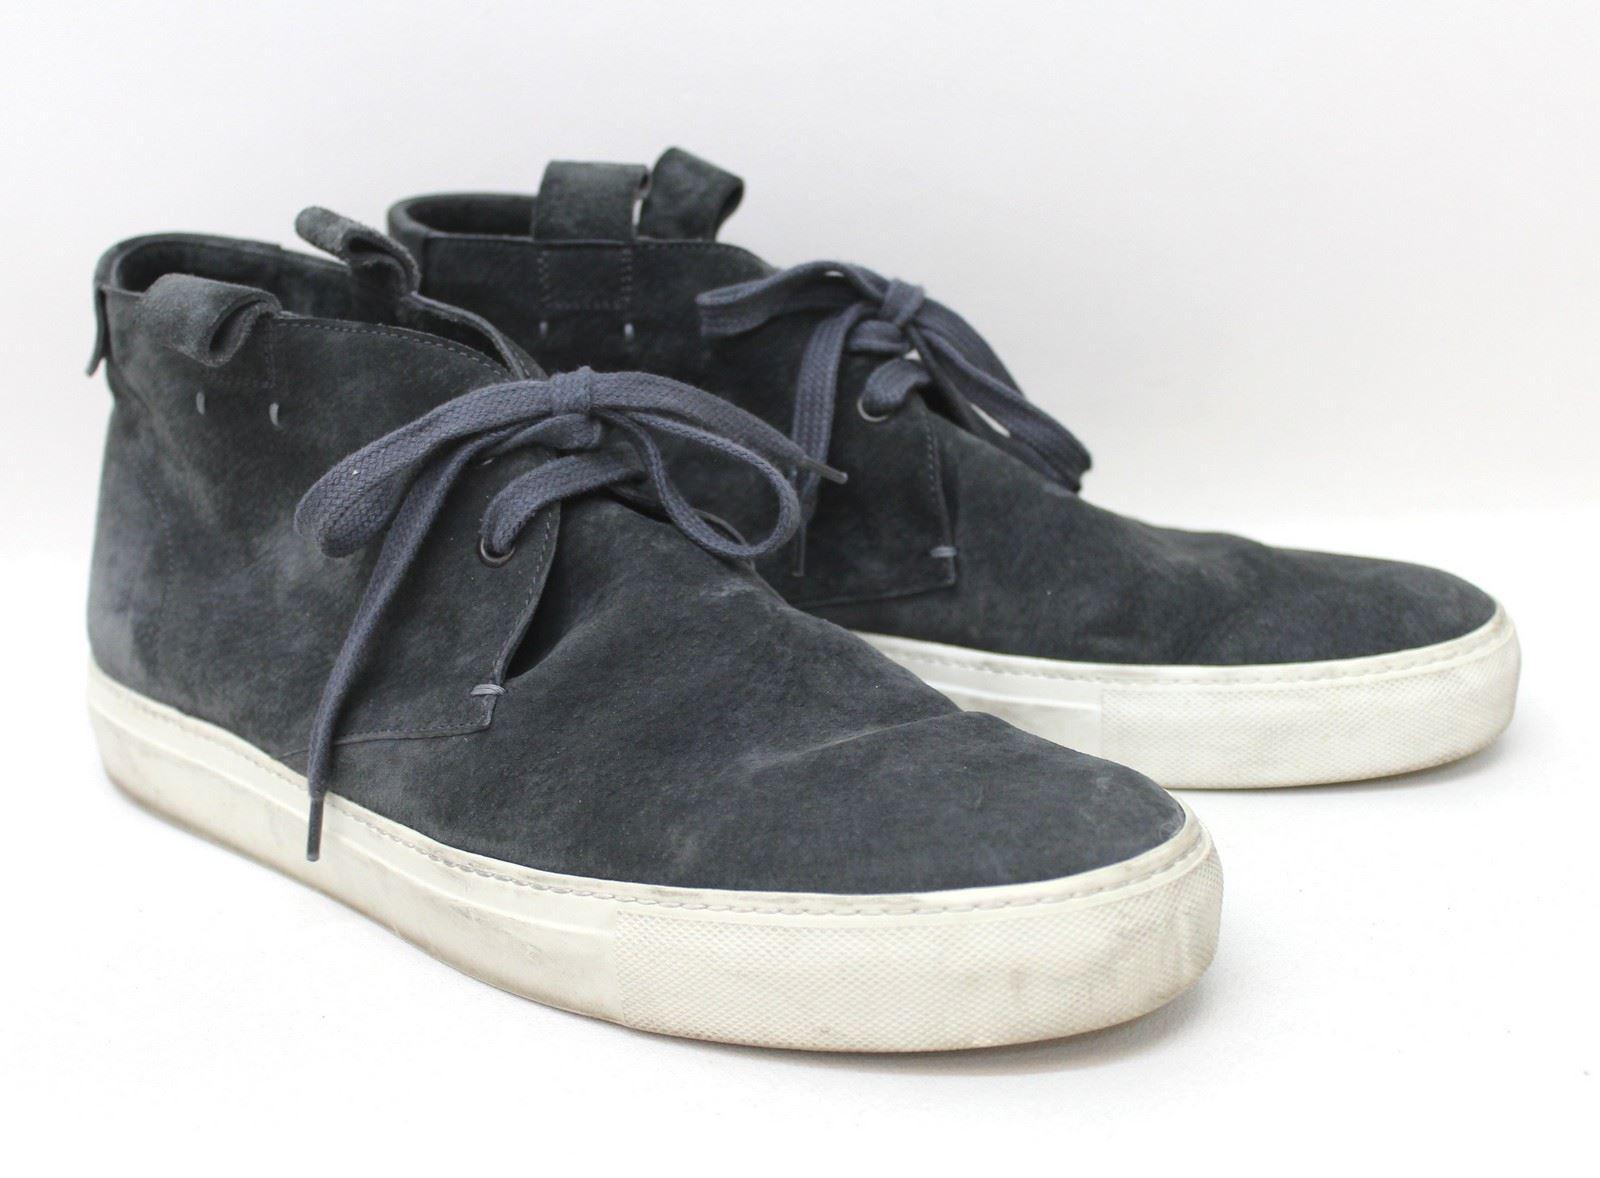 Ebay Uk Saint Laurent Shoes Men